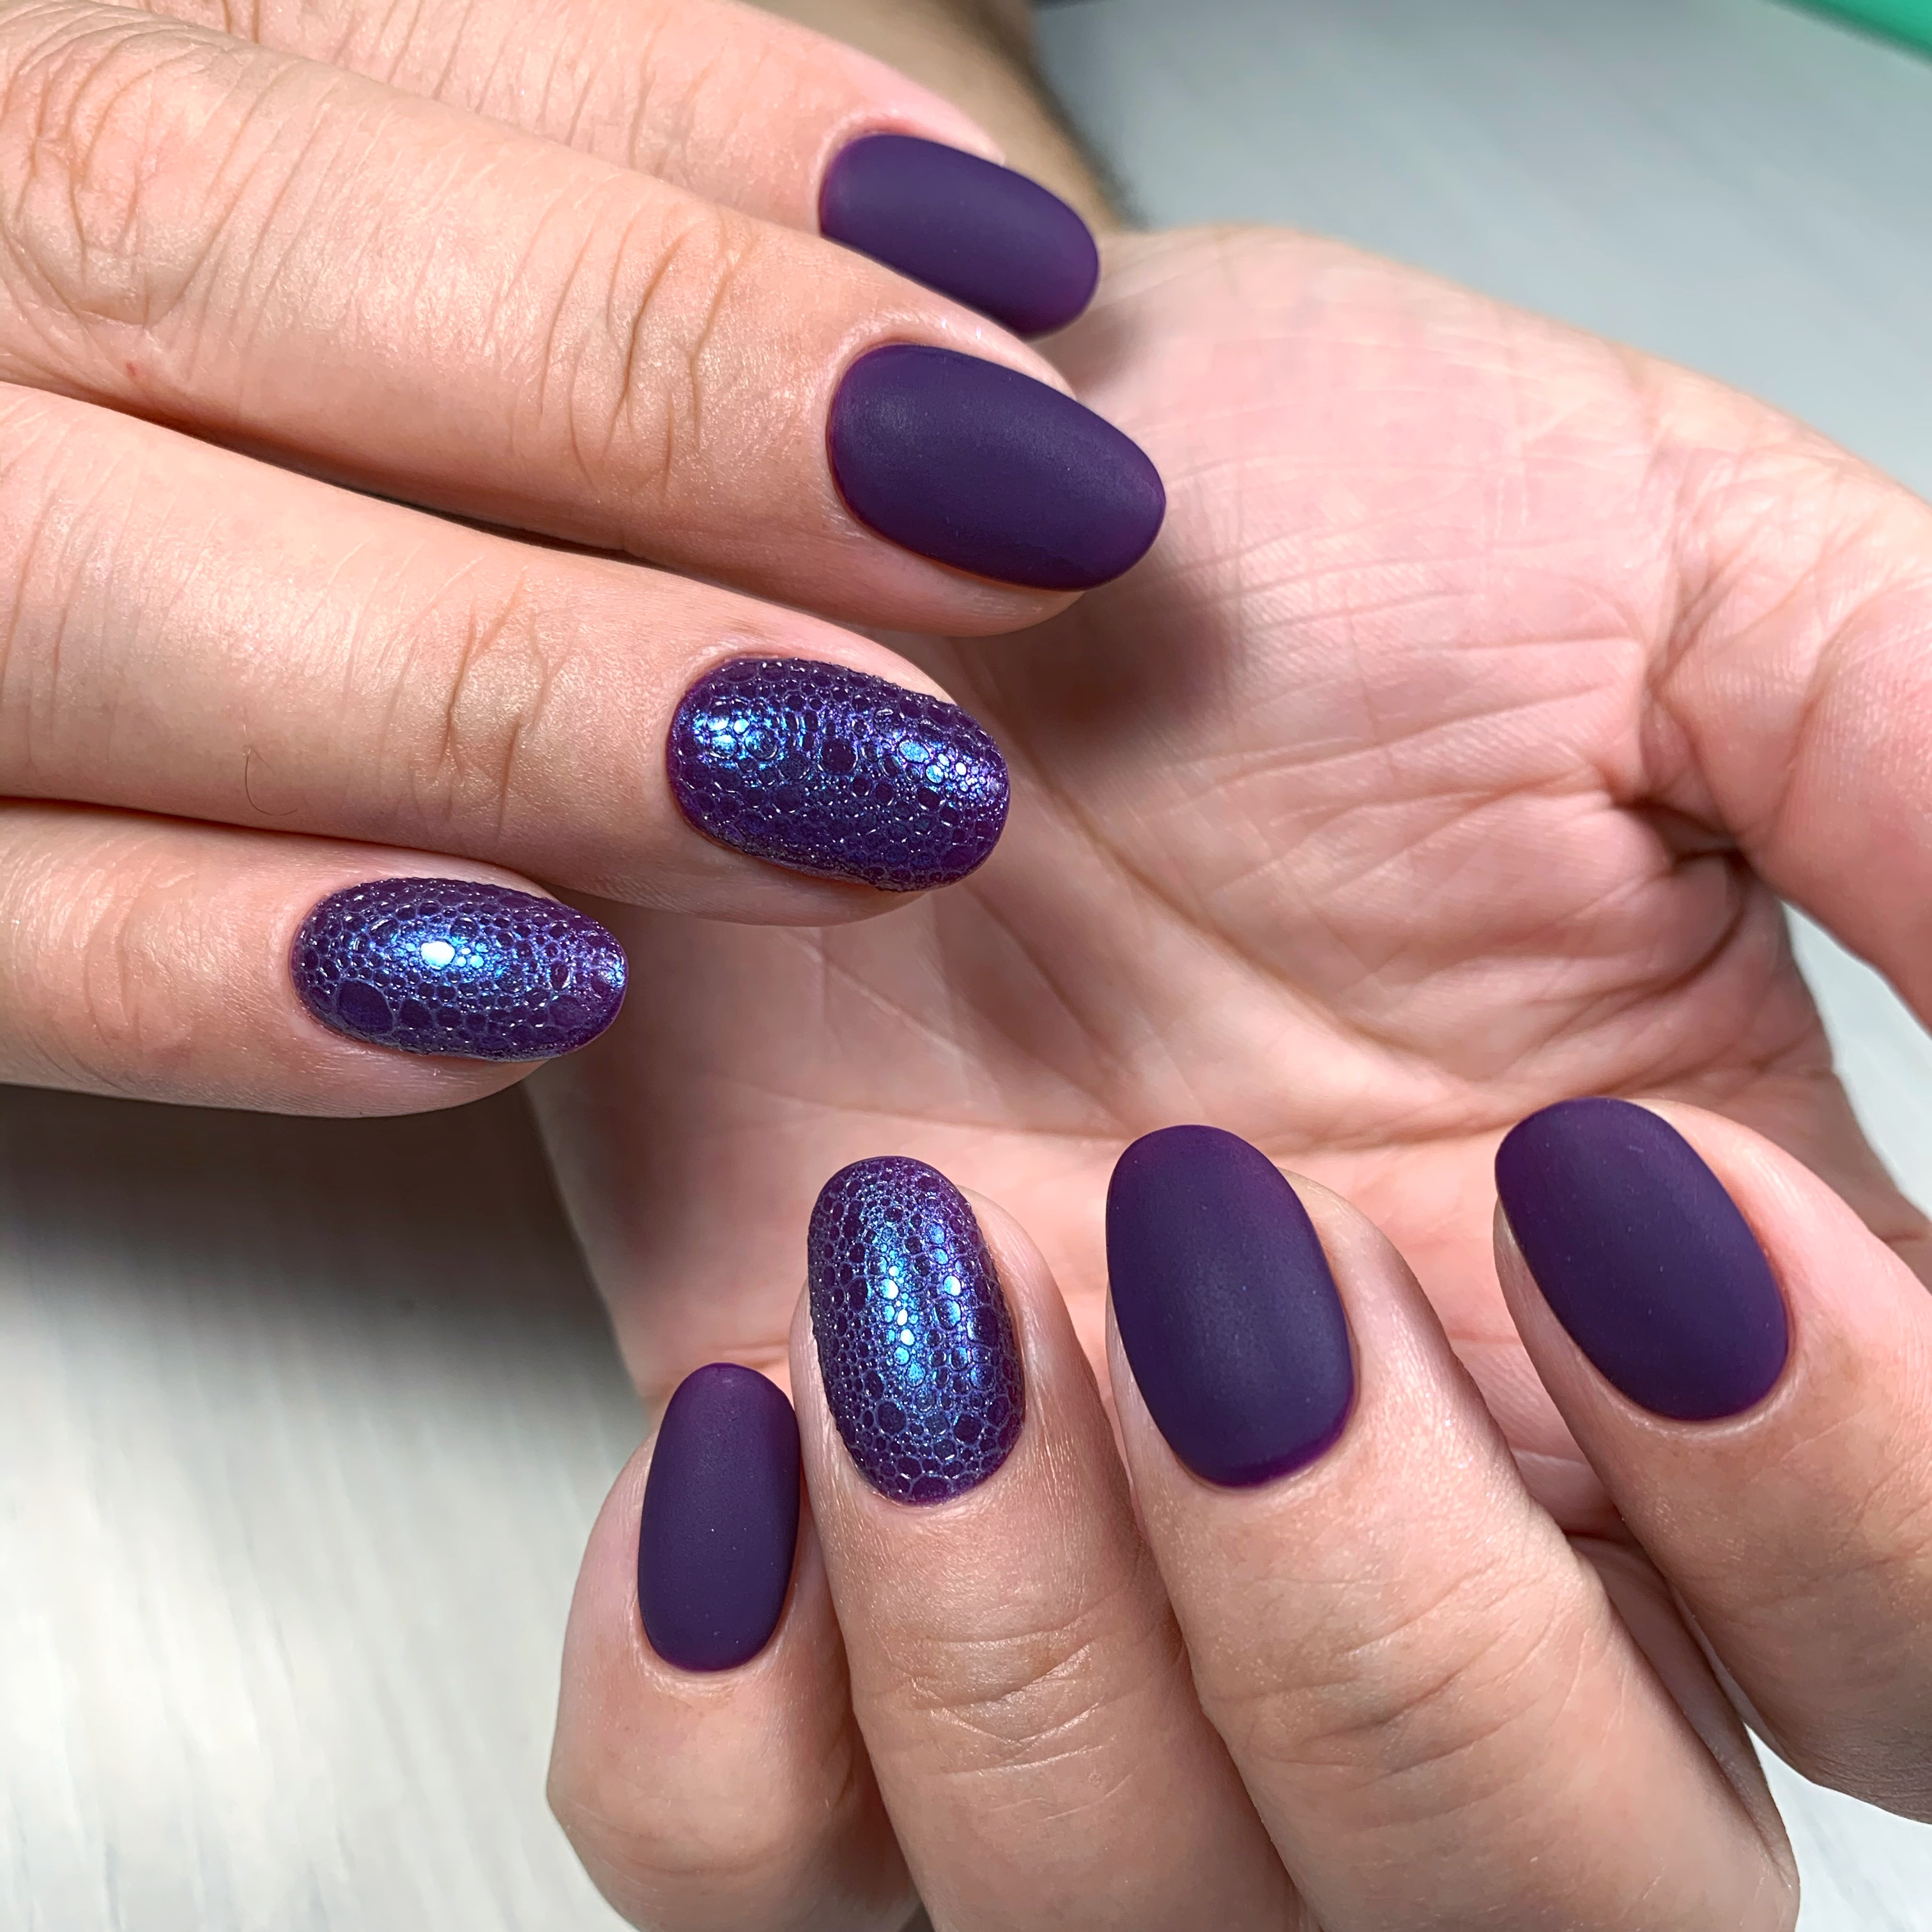 Матовый маникюр с bubble-эффектом в фиолетовом цвете.